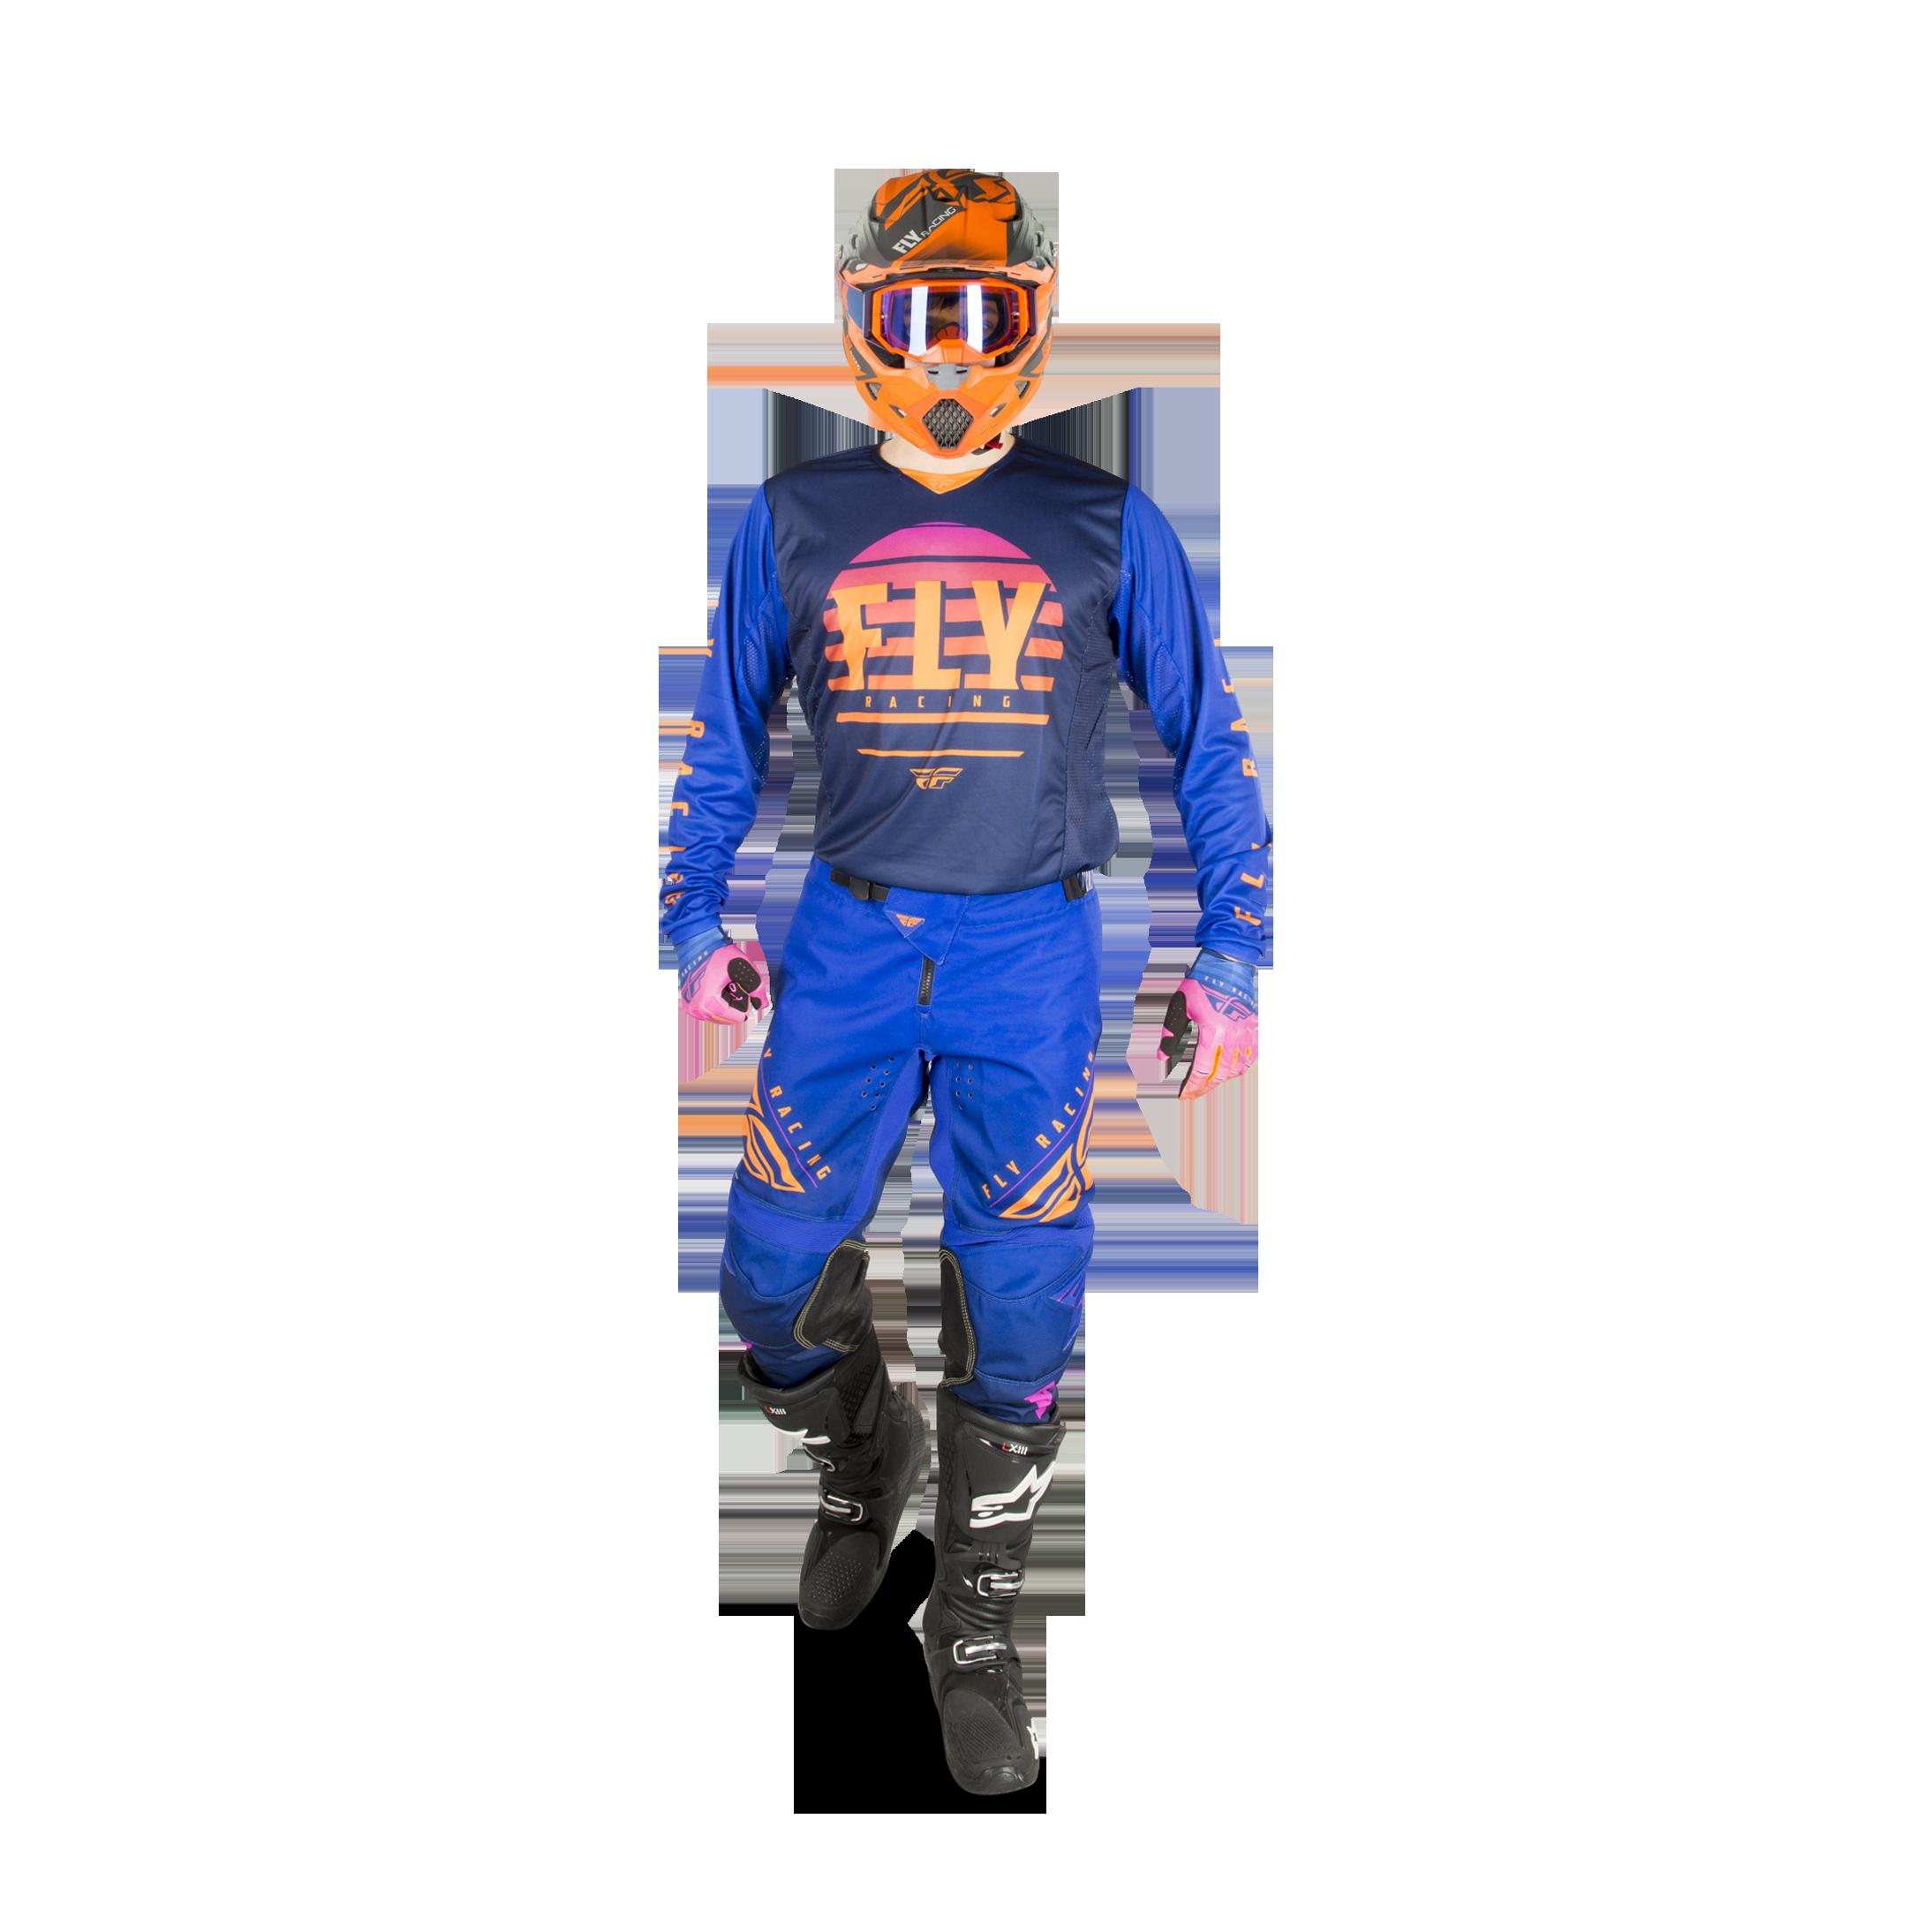 2020 FLY RACING KINETIC RACEWEAR K220 MIDNIGHT BLUE ORANGE JERSEY /& PANT GEAR